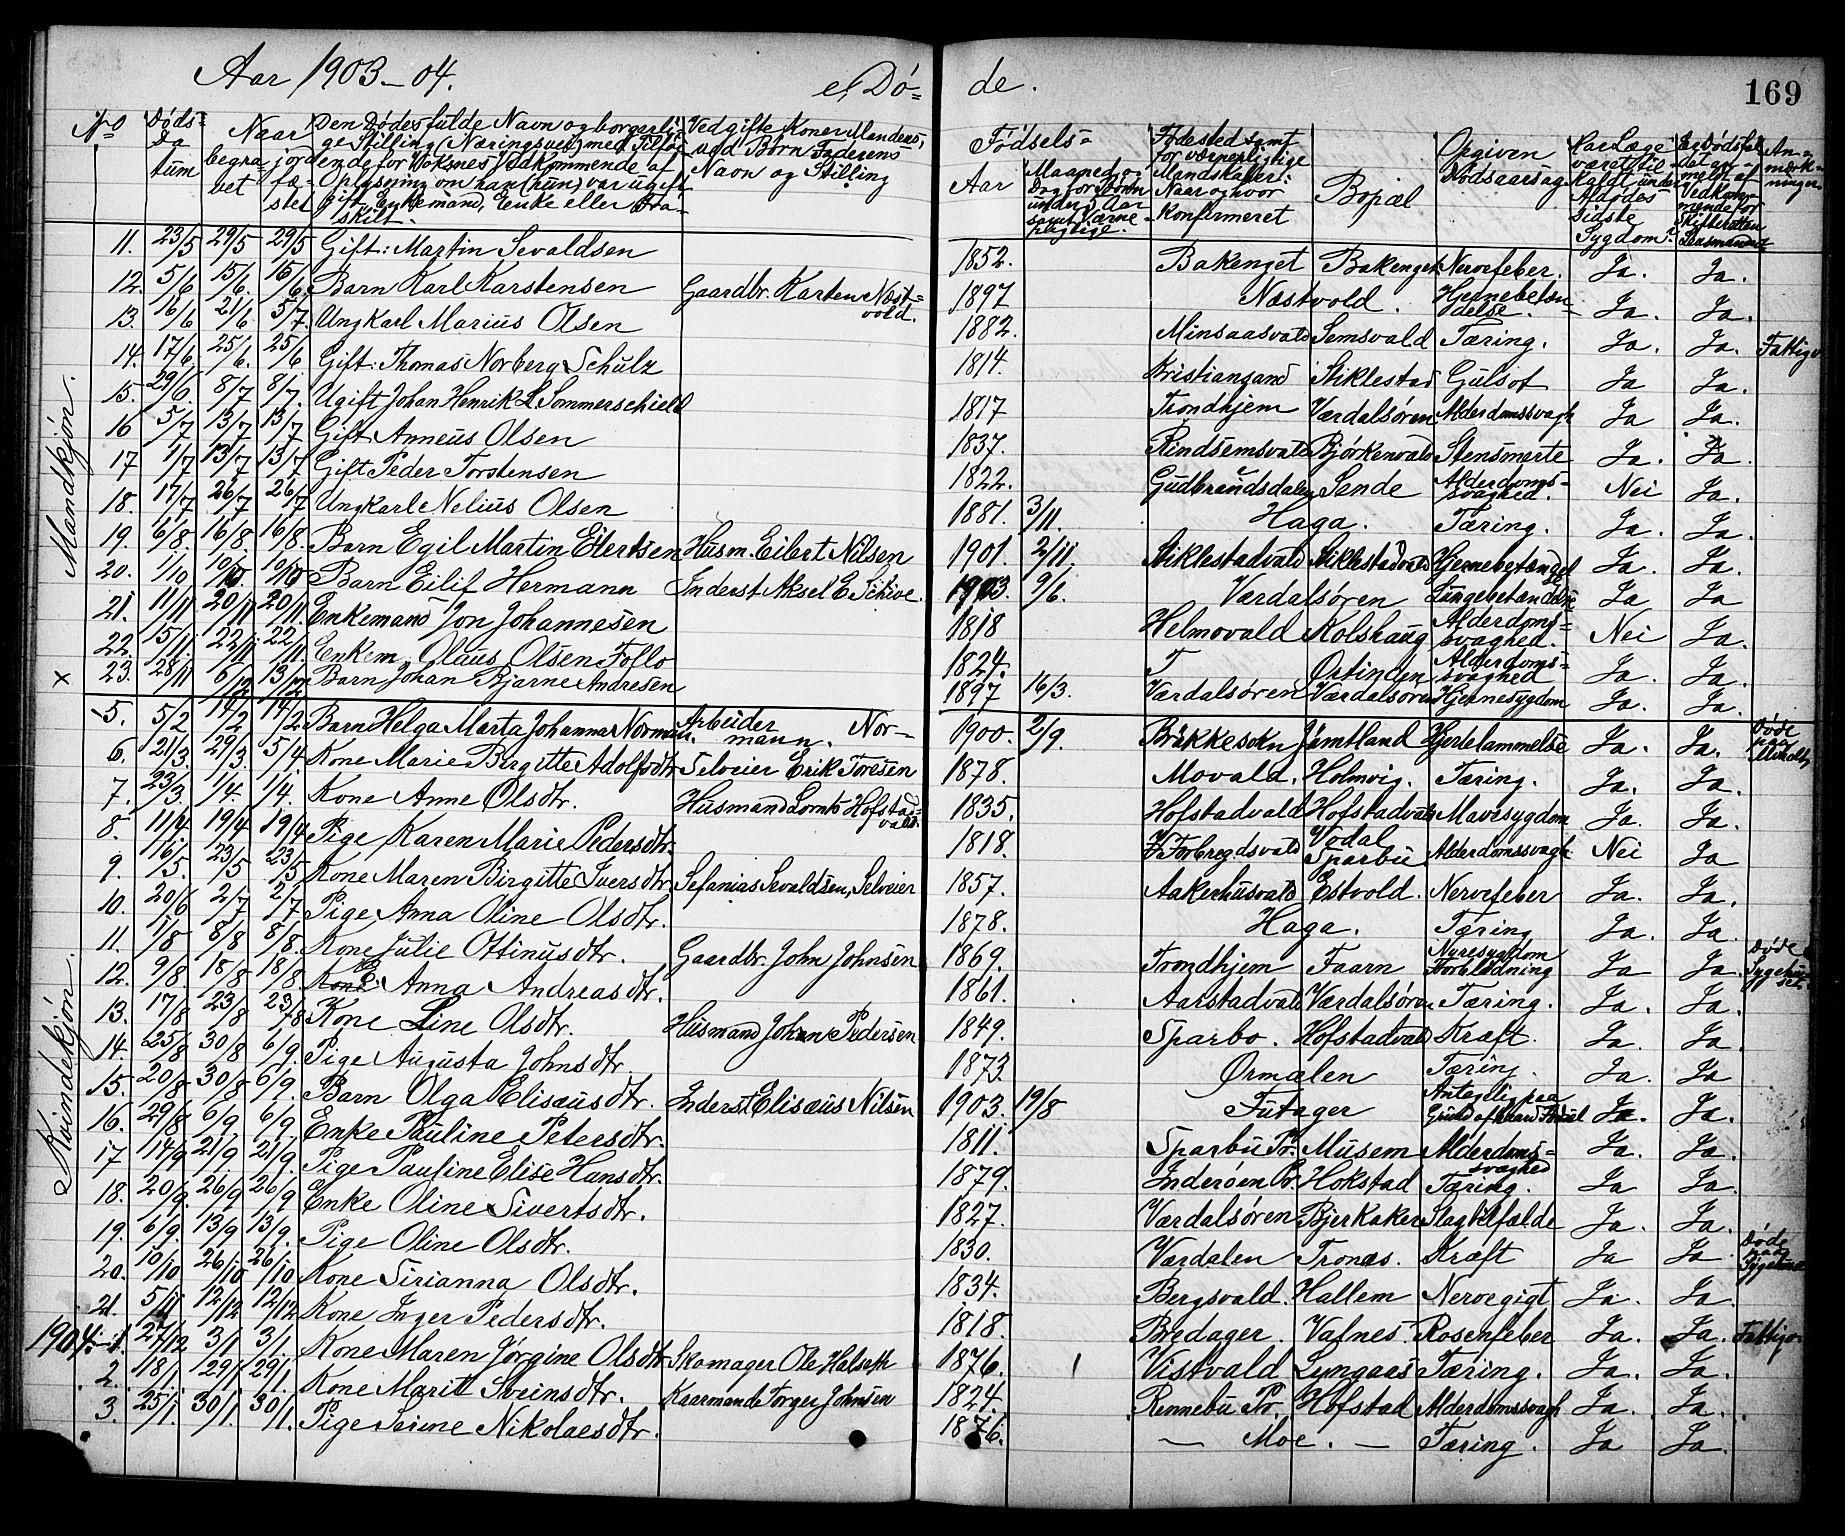 SAT, Ministerialprotokoller, klokkerbøker og fødselsregistre - Nord-Trøndelag, 723/L0257: Klokkerbok nr. 723C05, 1890-1907, s. 169